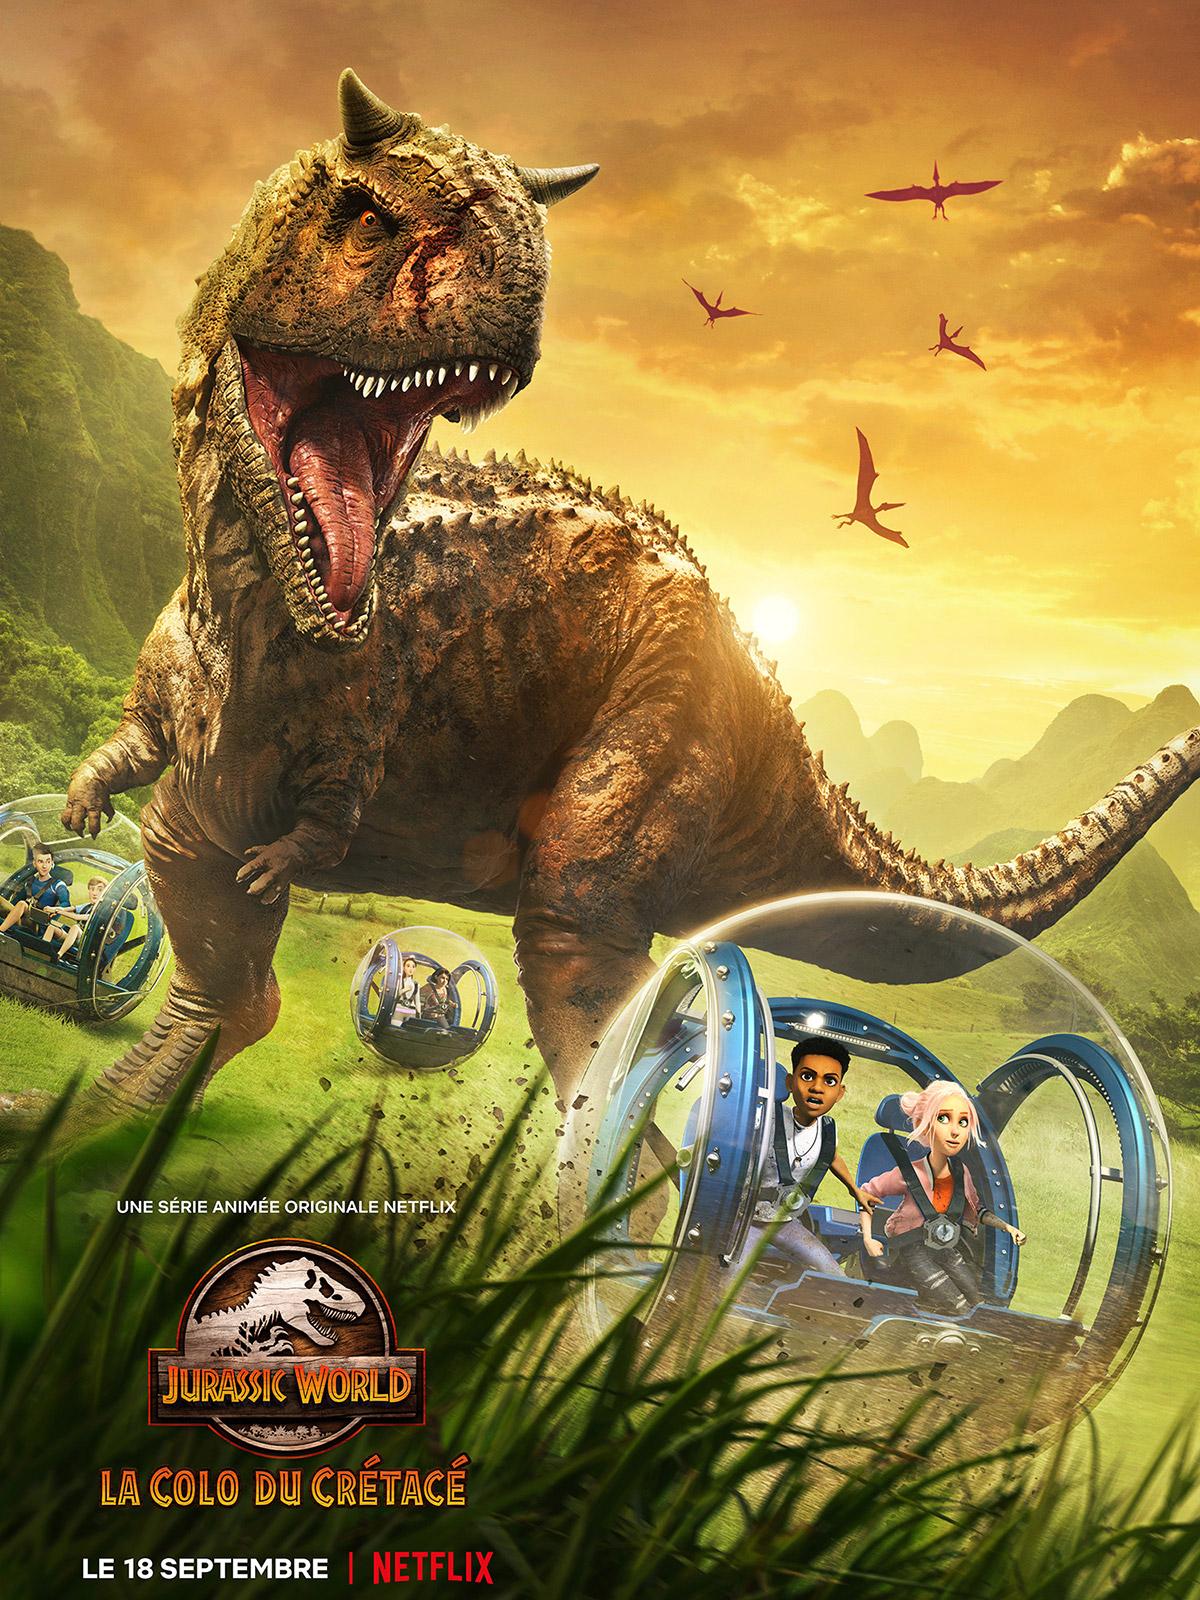 46 - Jurassic World - La Colo du Crétacé